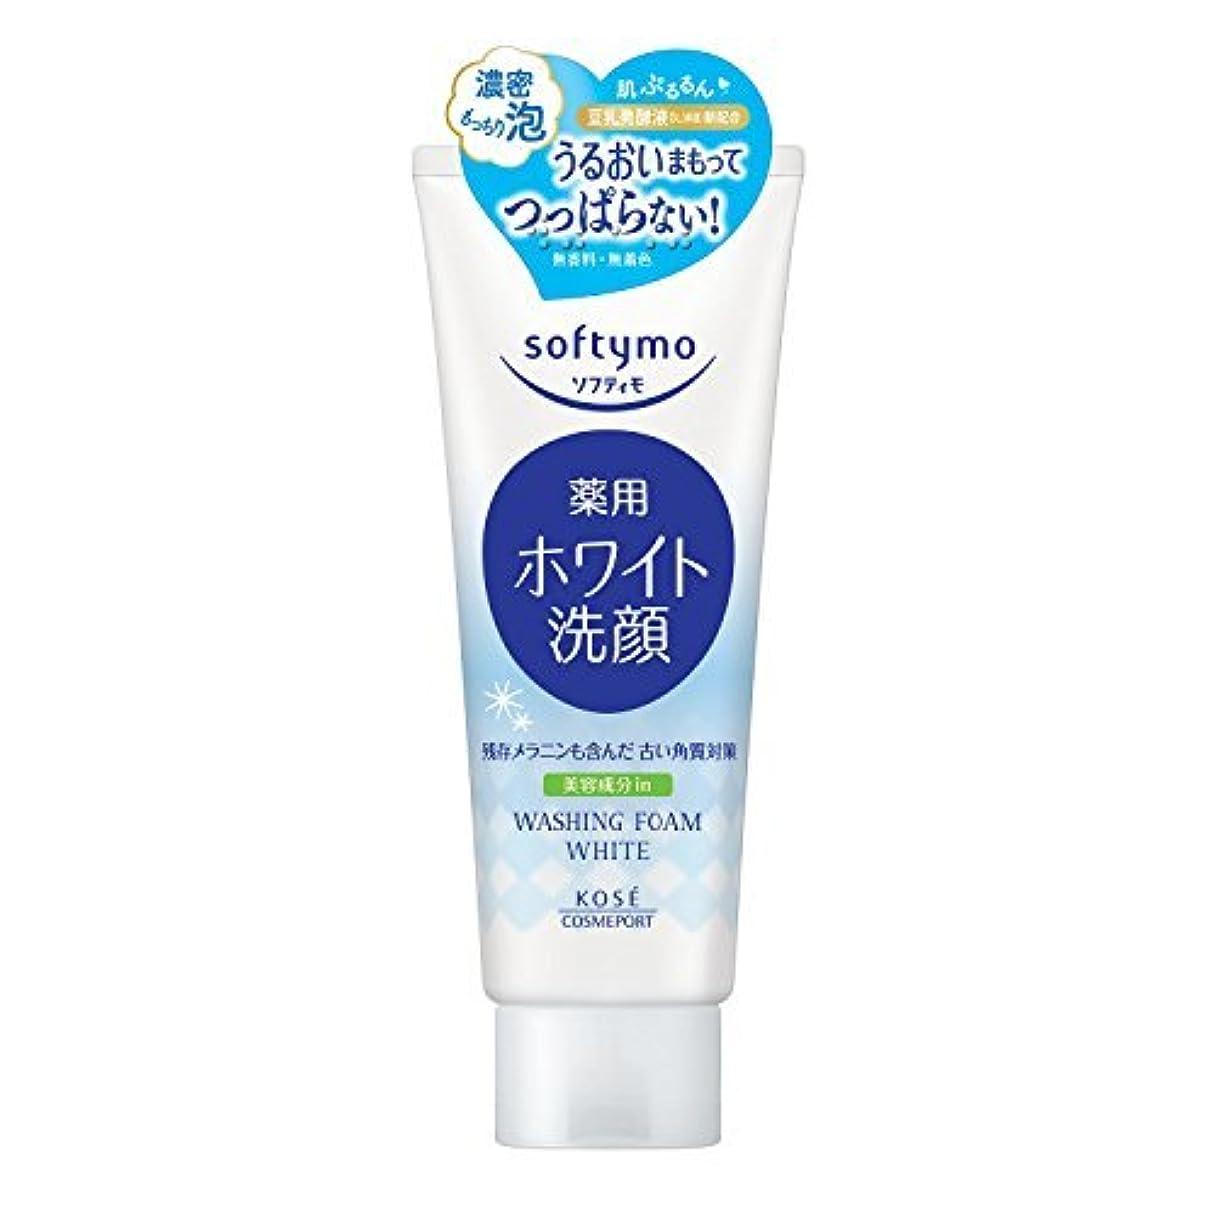 名声ベックス想定KOSE コーセー ソフティモ ホワイト 薬用洗顔フォーム 150g (医薬部外品)